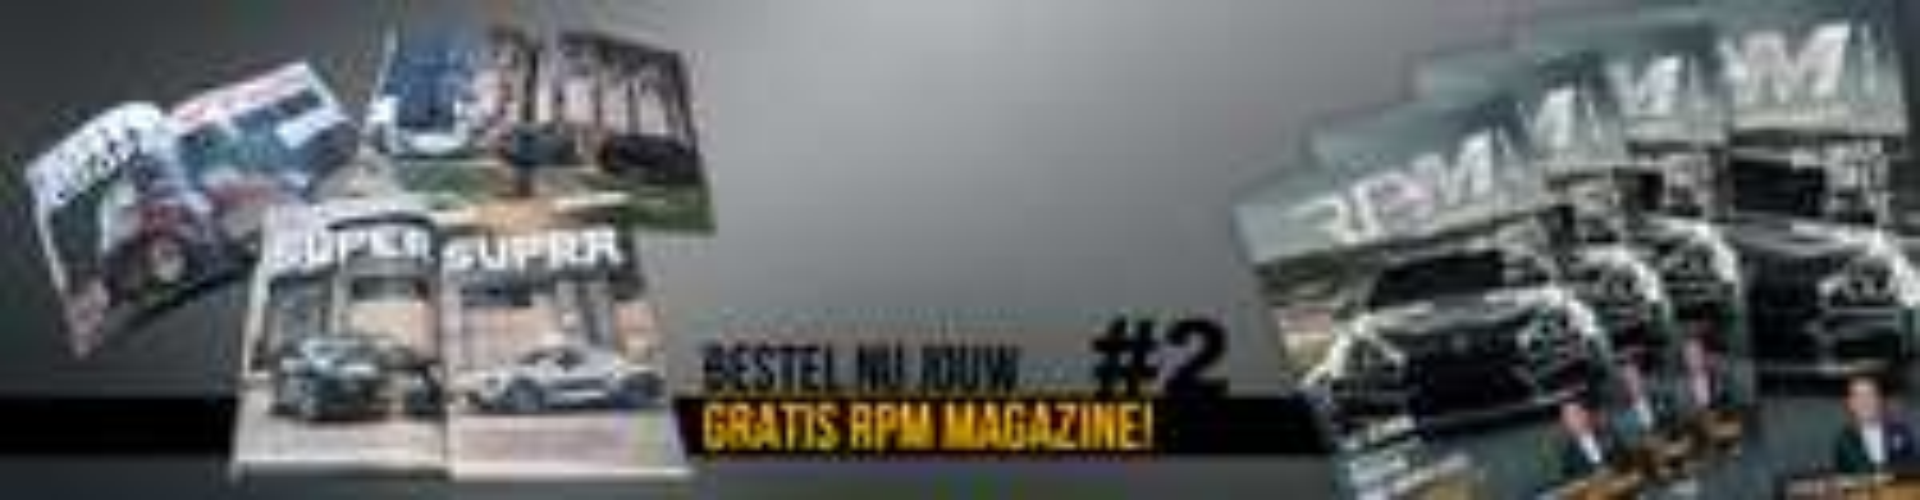 Gratis RPM Magazine #3